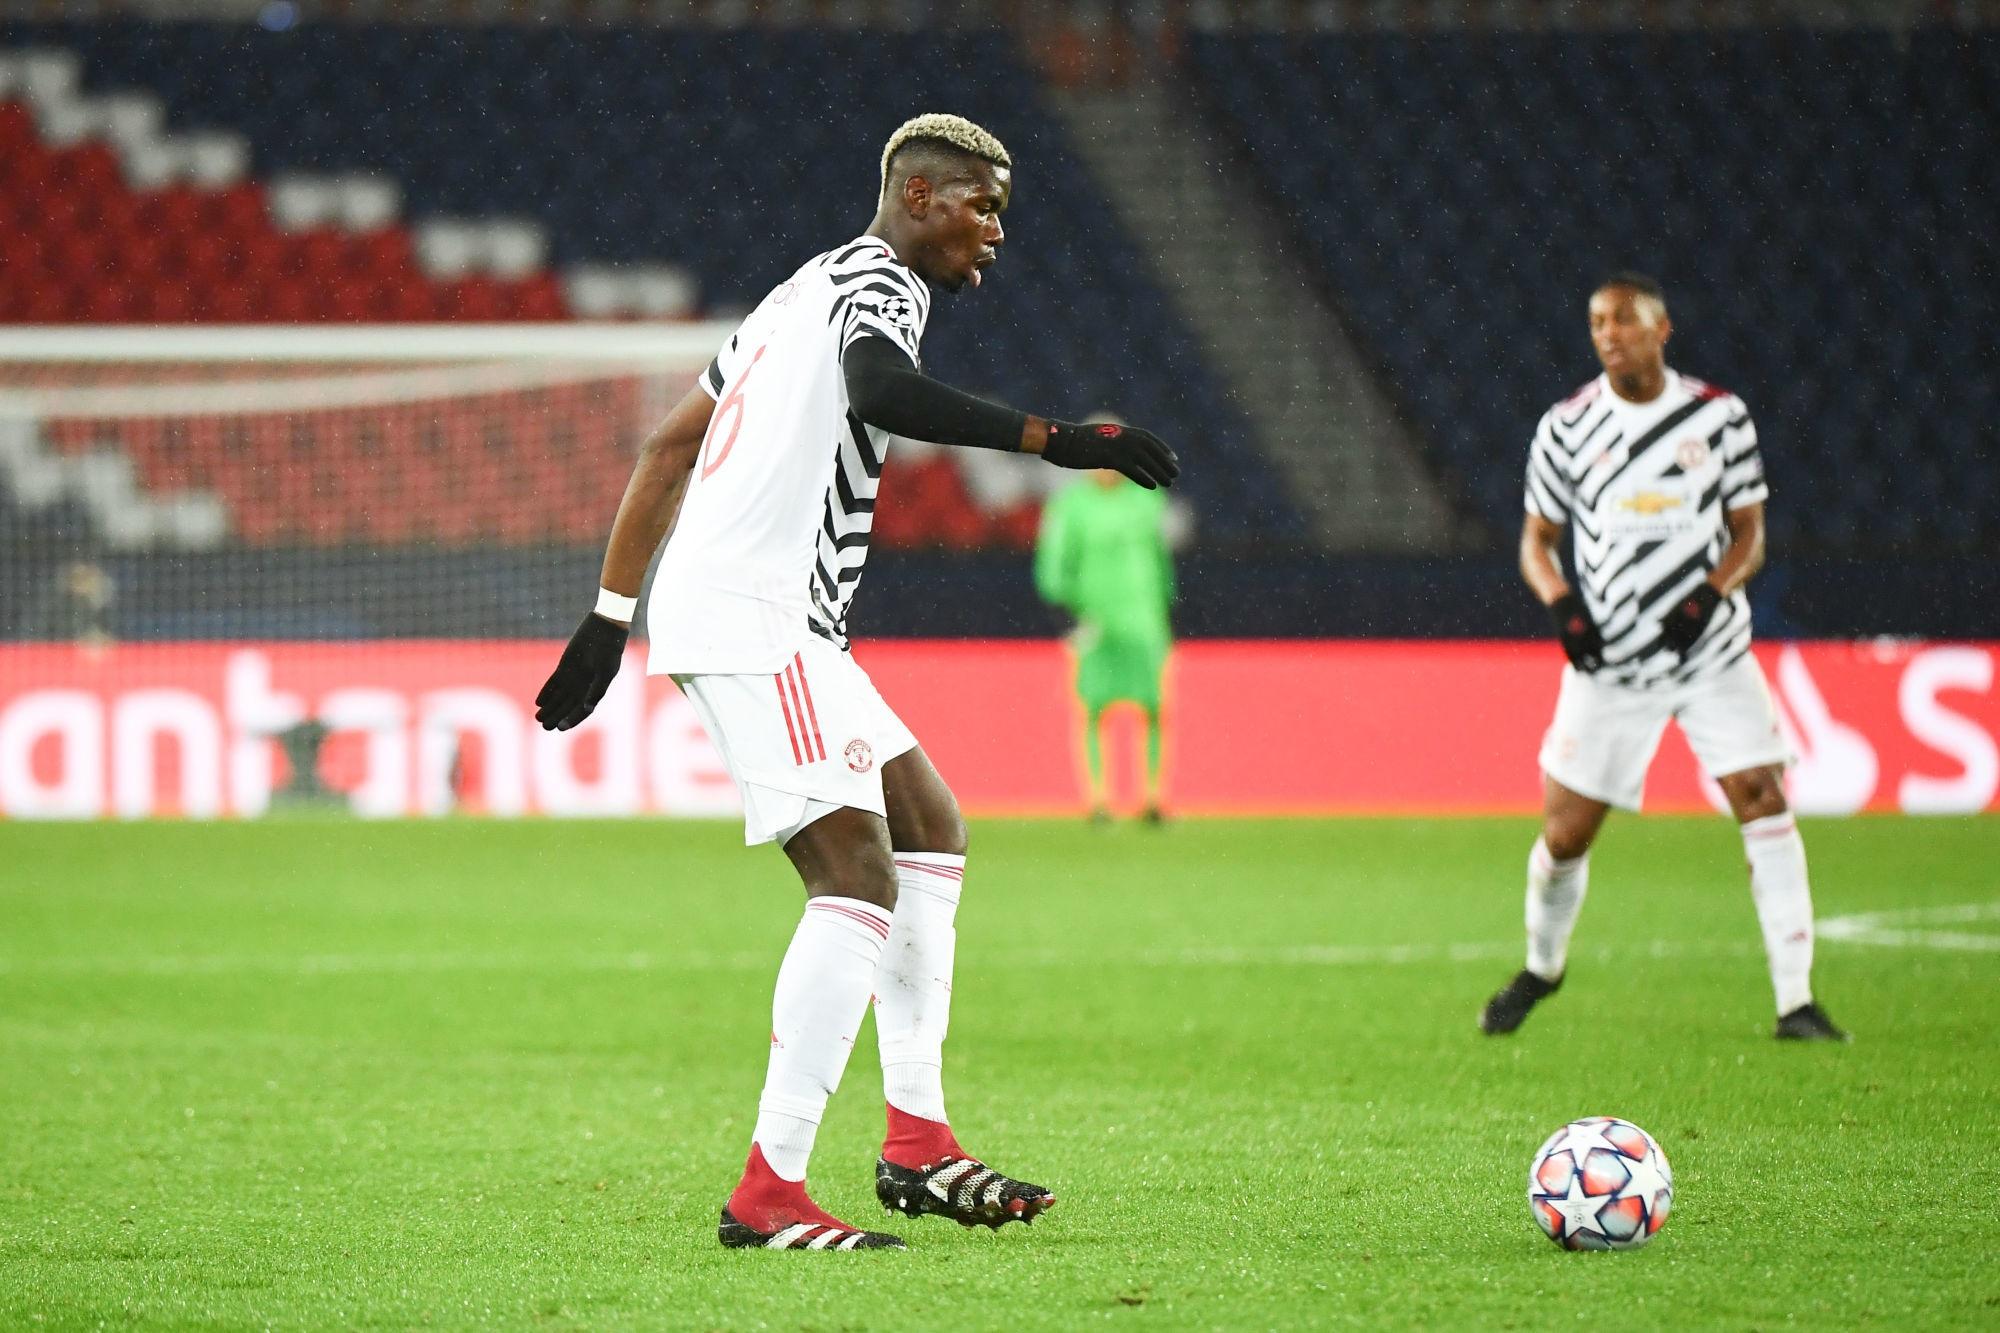 """PSG/Manchester United - Pogba souligne """"on les a peut-être mis en difficulté aussi."""""""